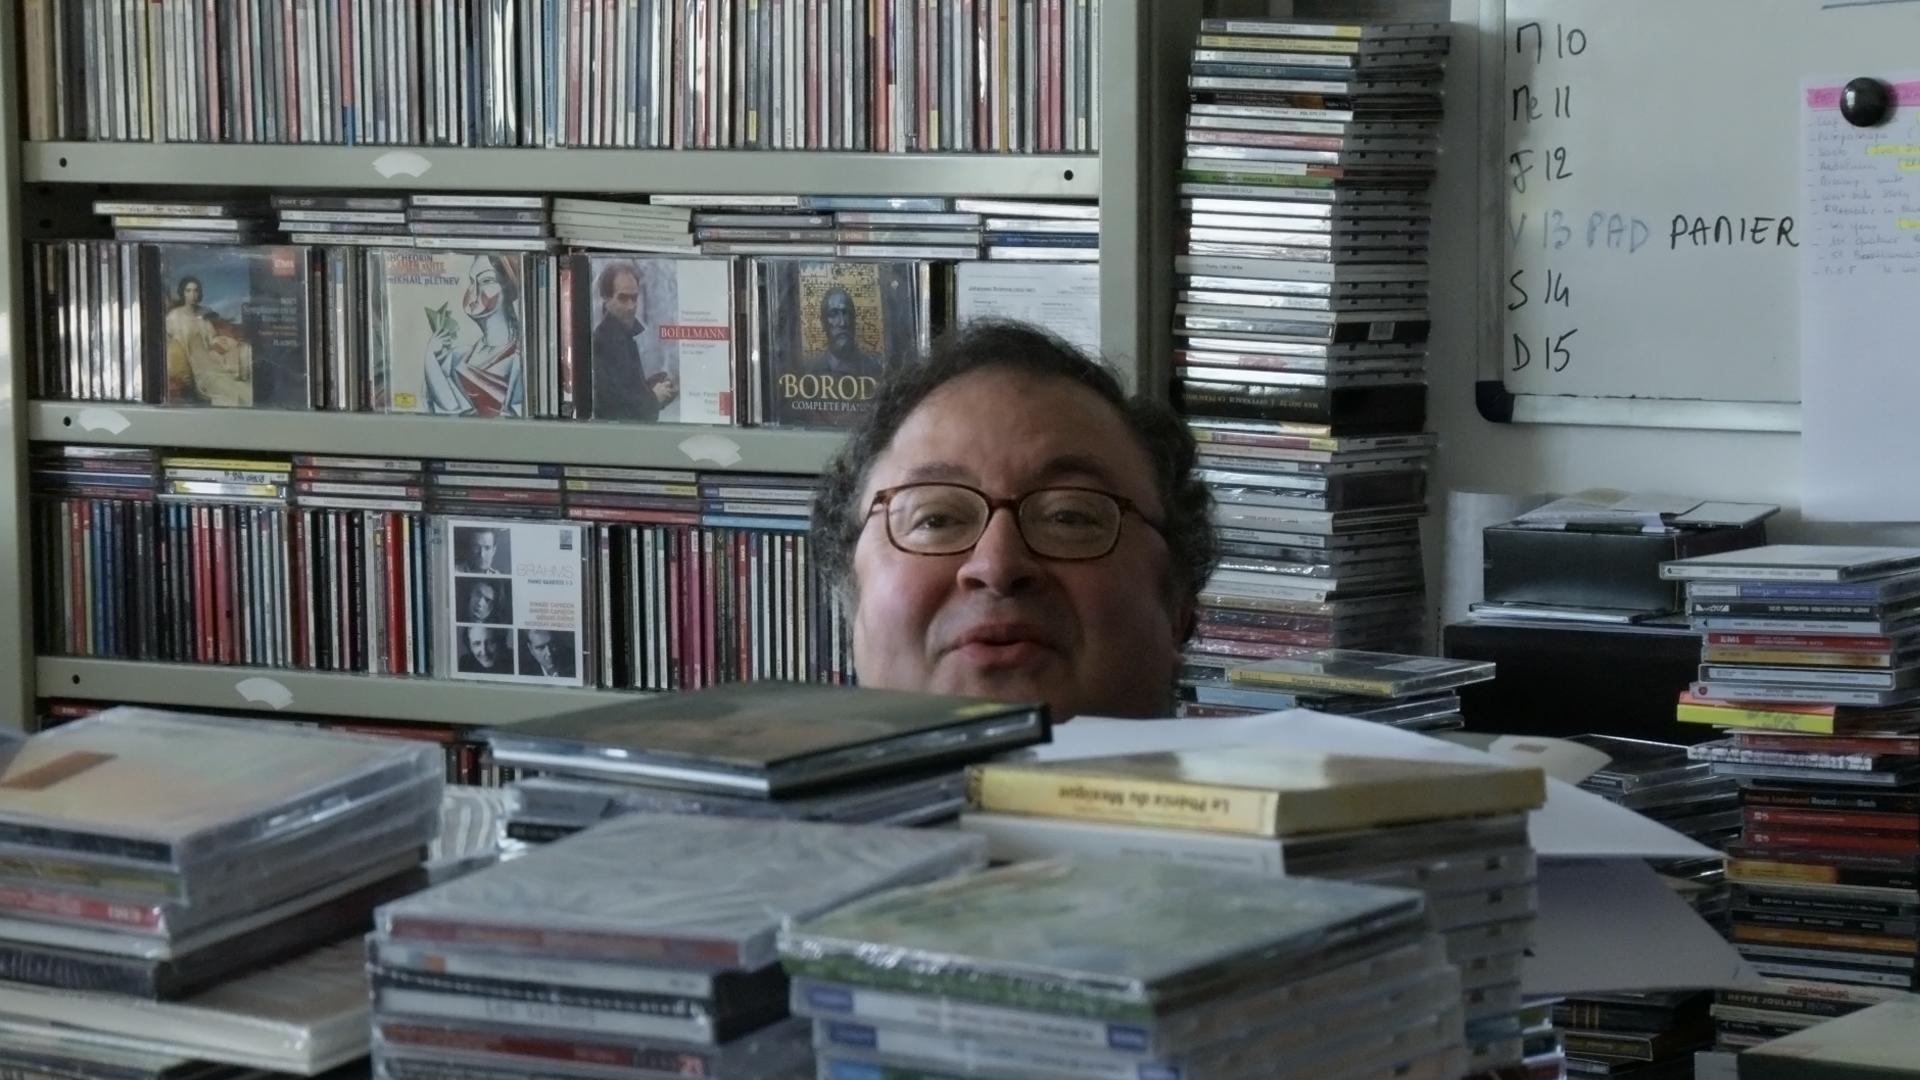 Musik bis an die Halskrause - Musikredakteur bei Radio France